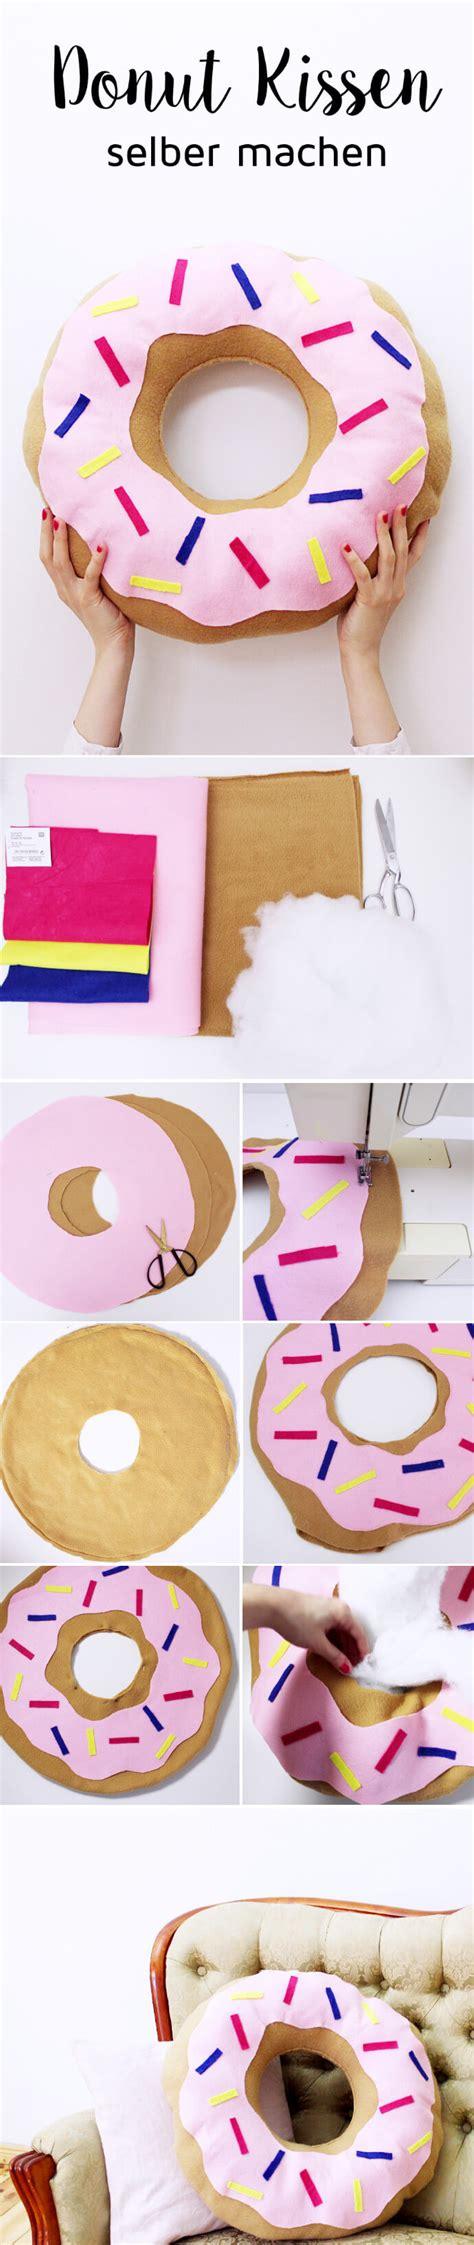 kissen selber machen diy donut kissen selber machen variante mit und ohne n 228 hen